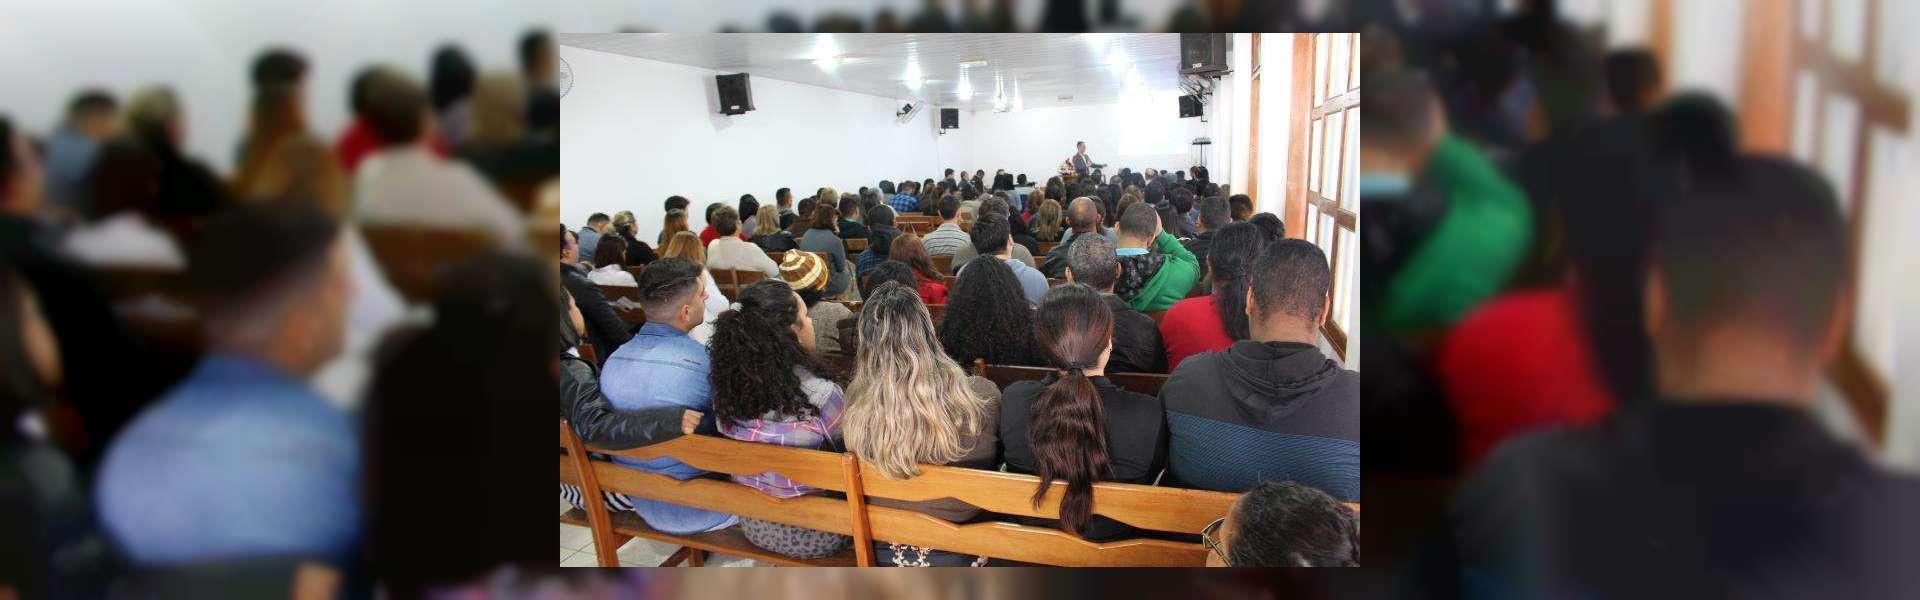 Membros da ICM em Mato Grosso do Sul participam de seminário presencialmente